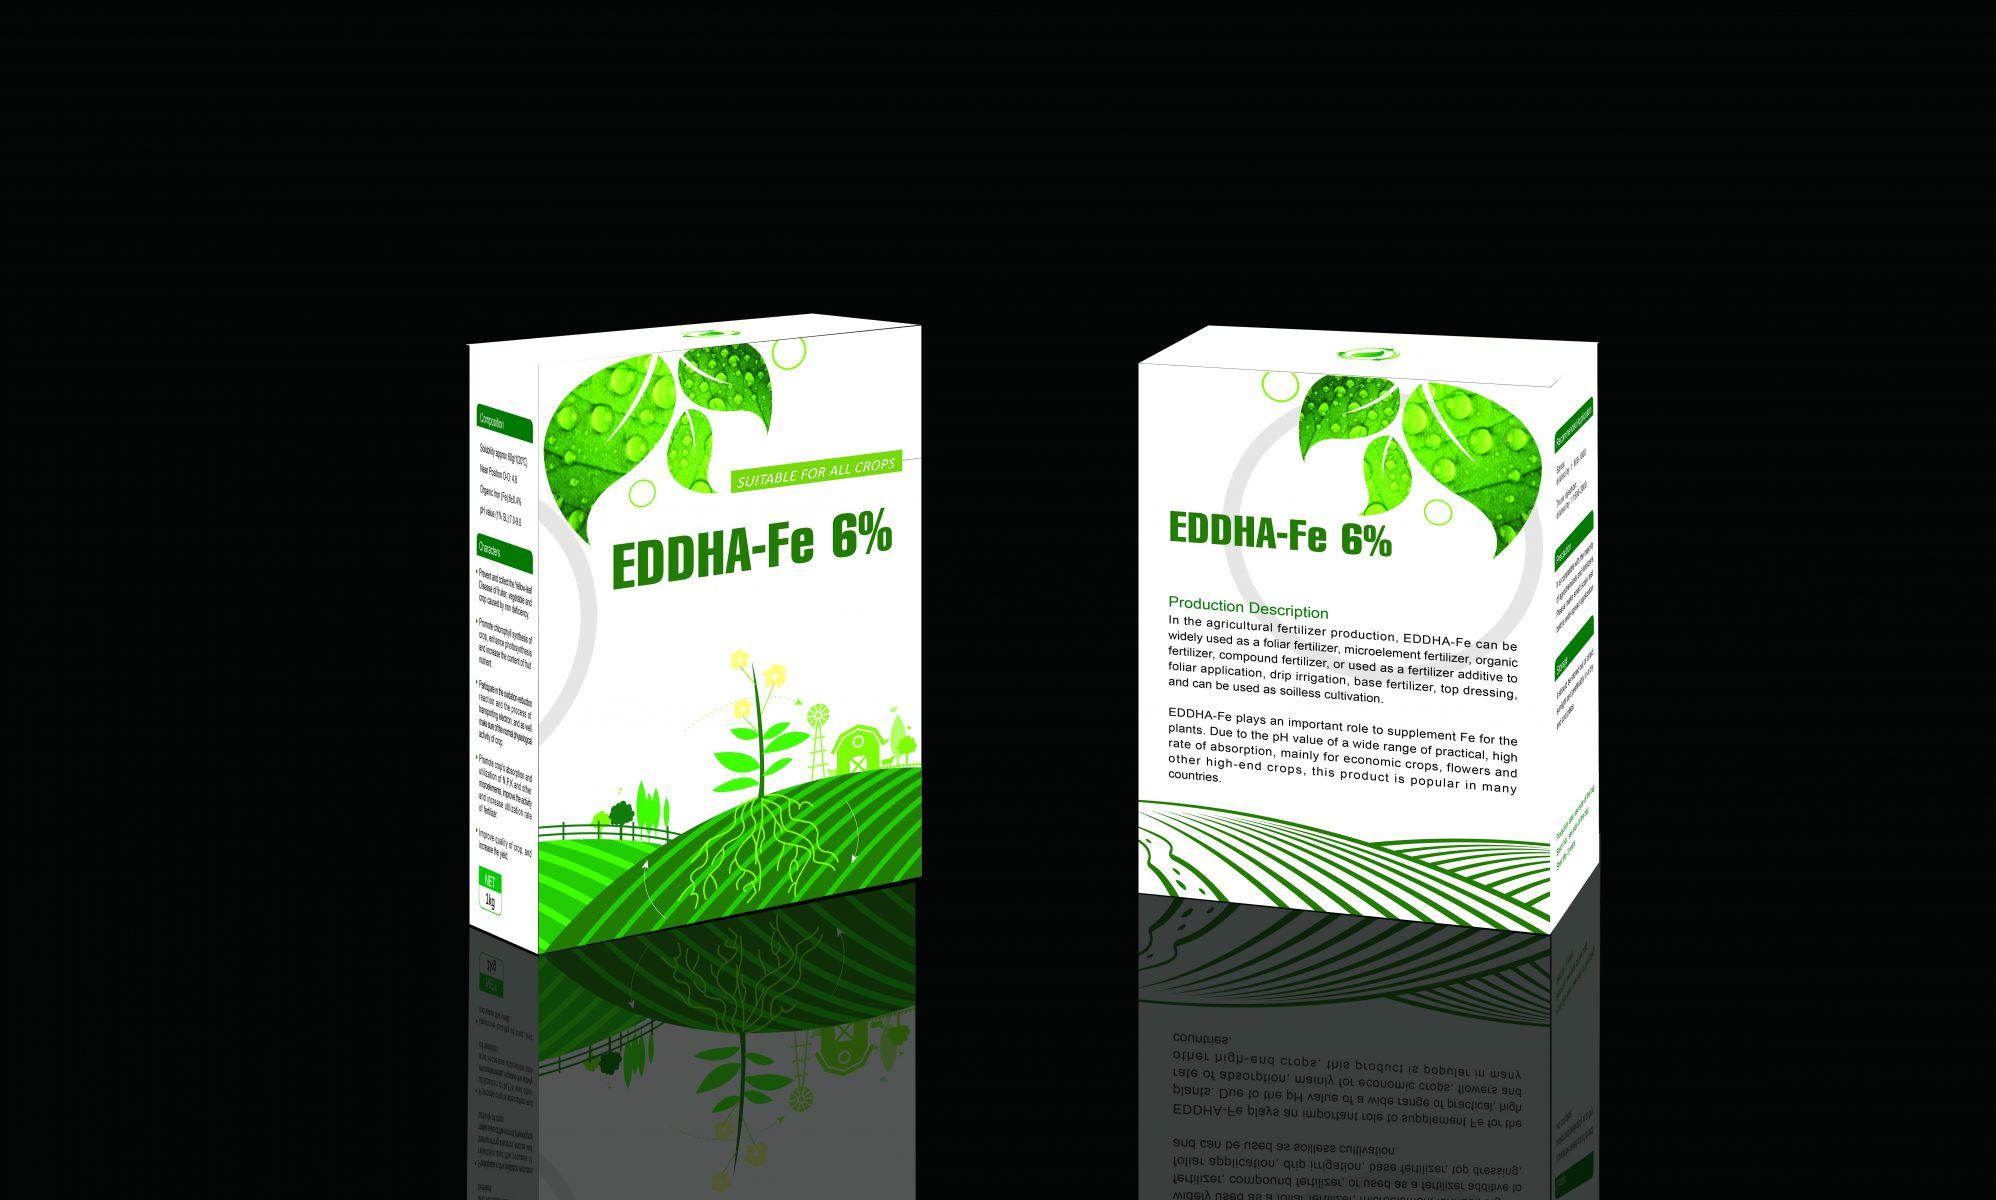 Eddha-Fe 6% Chelated Iron Fertilizer